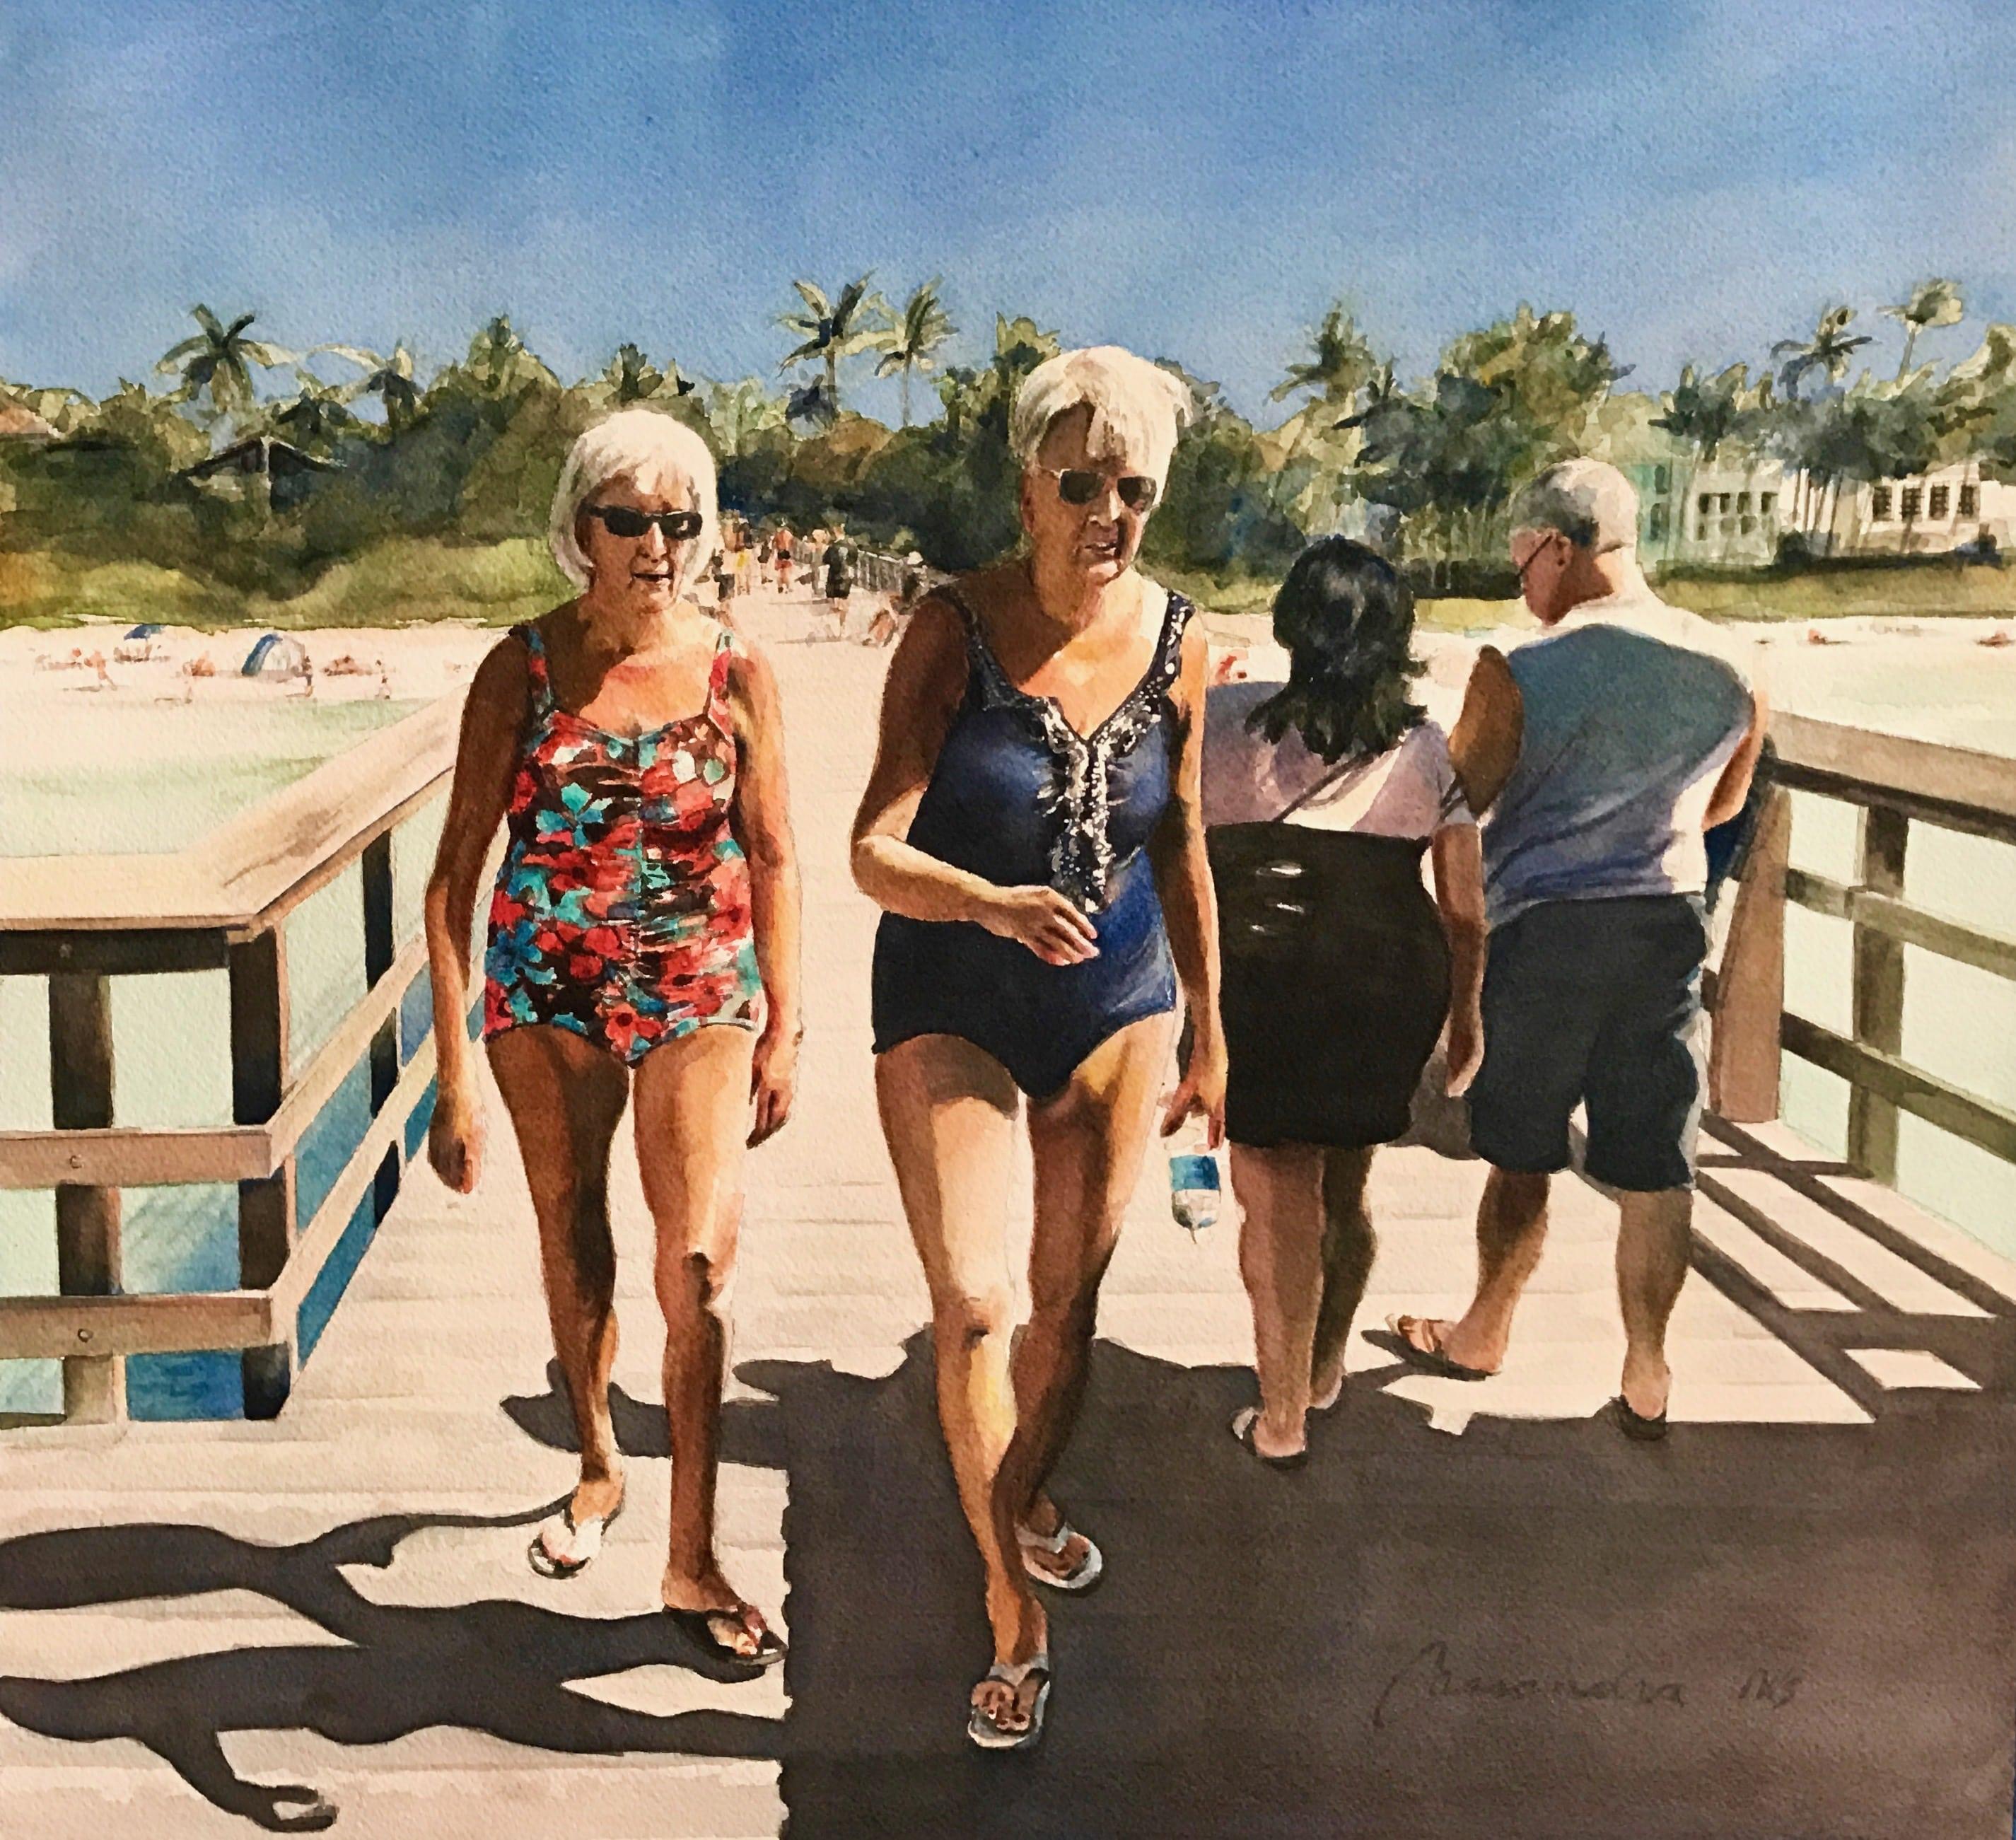 women, portrait, bathing suit, florida